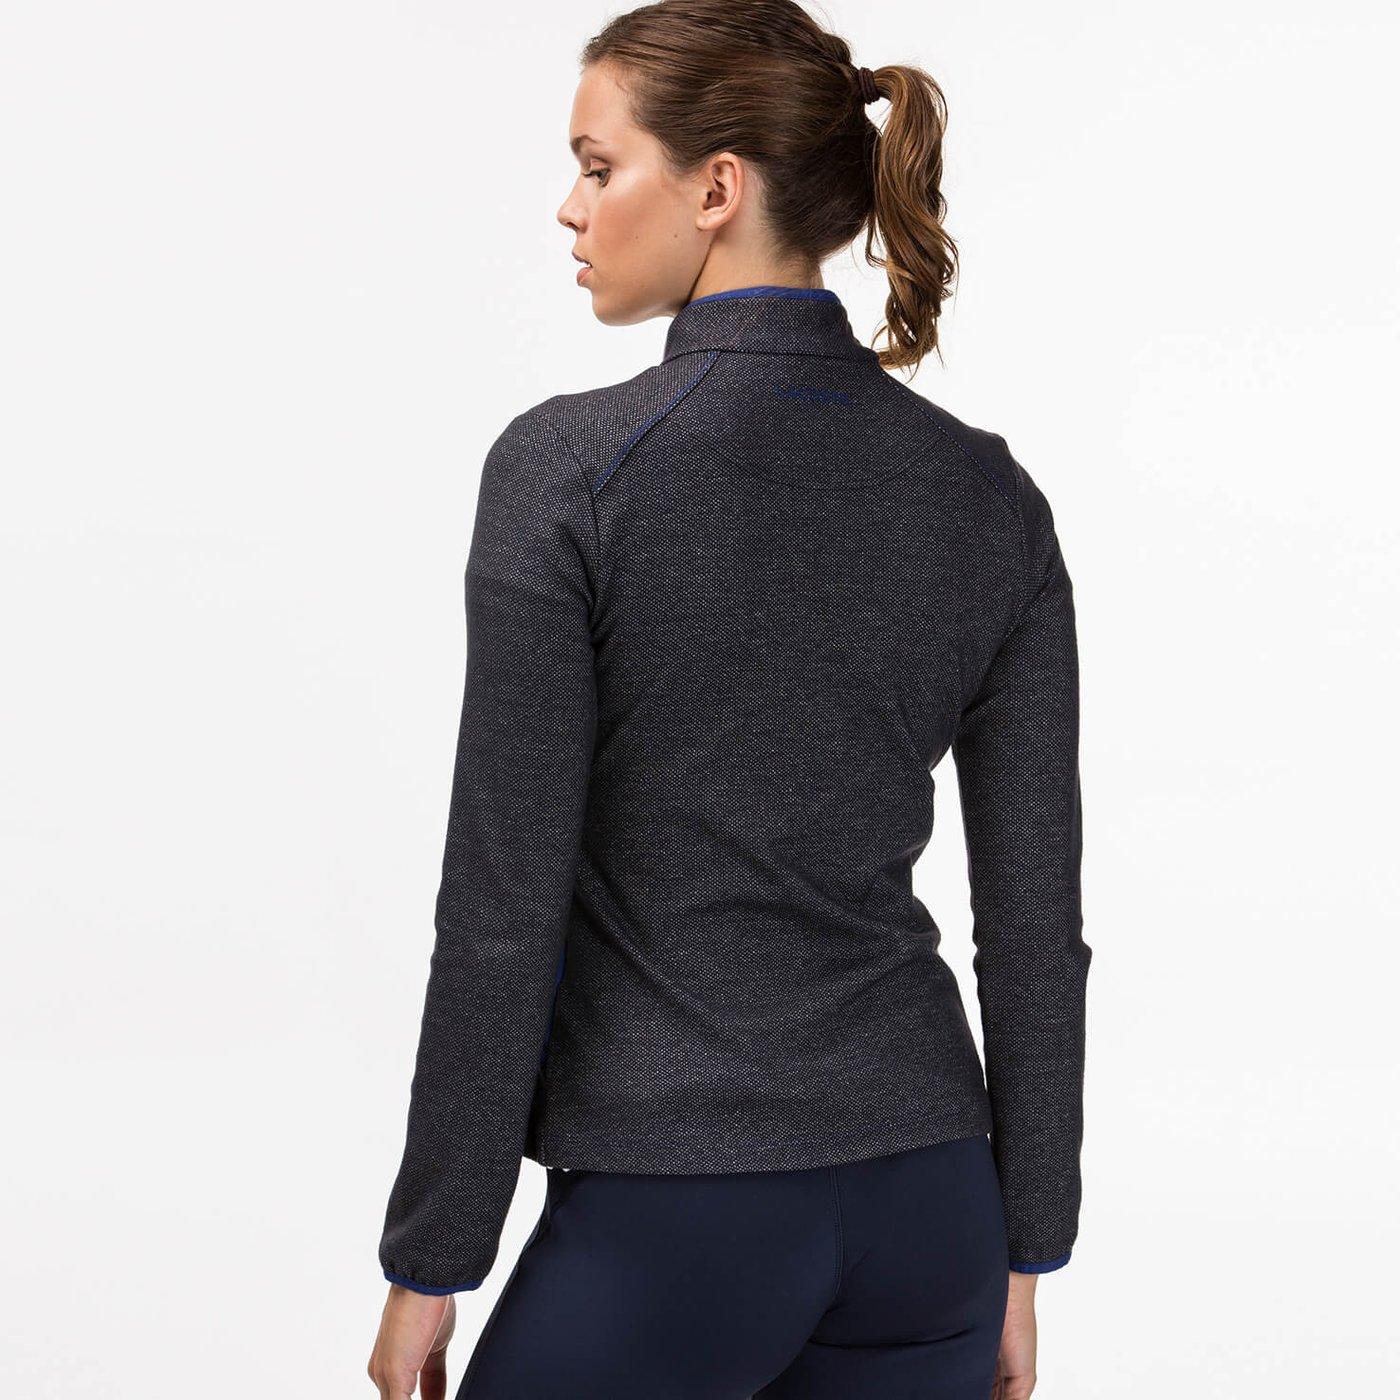 Lacoste Kadın Gri Sweatshirt